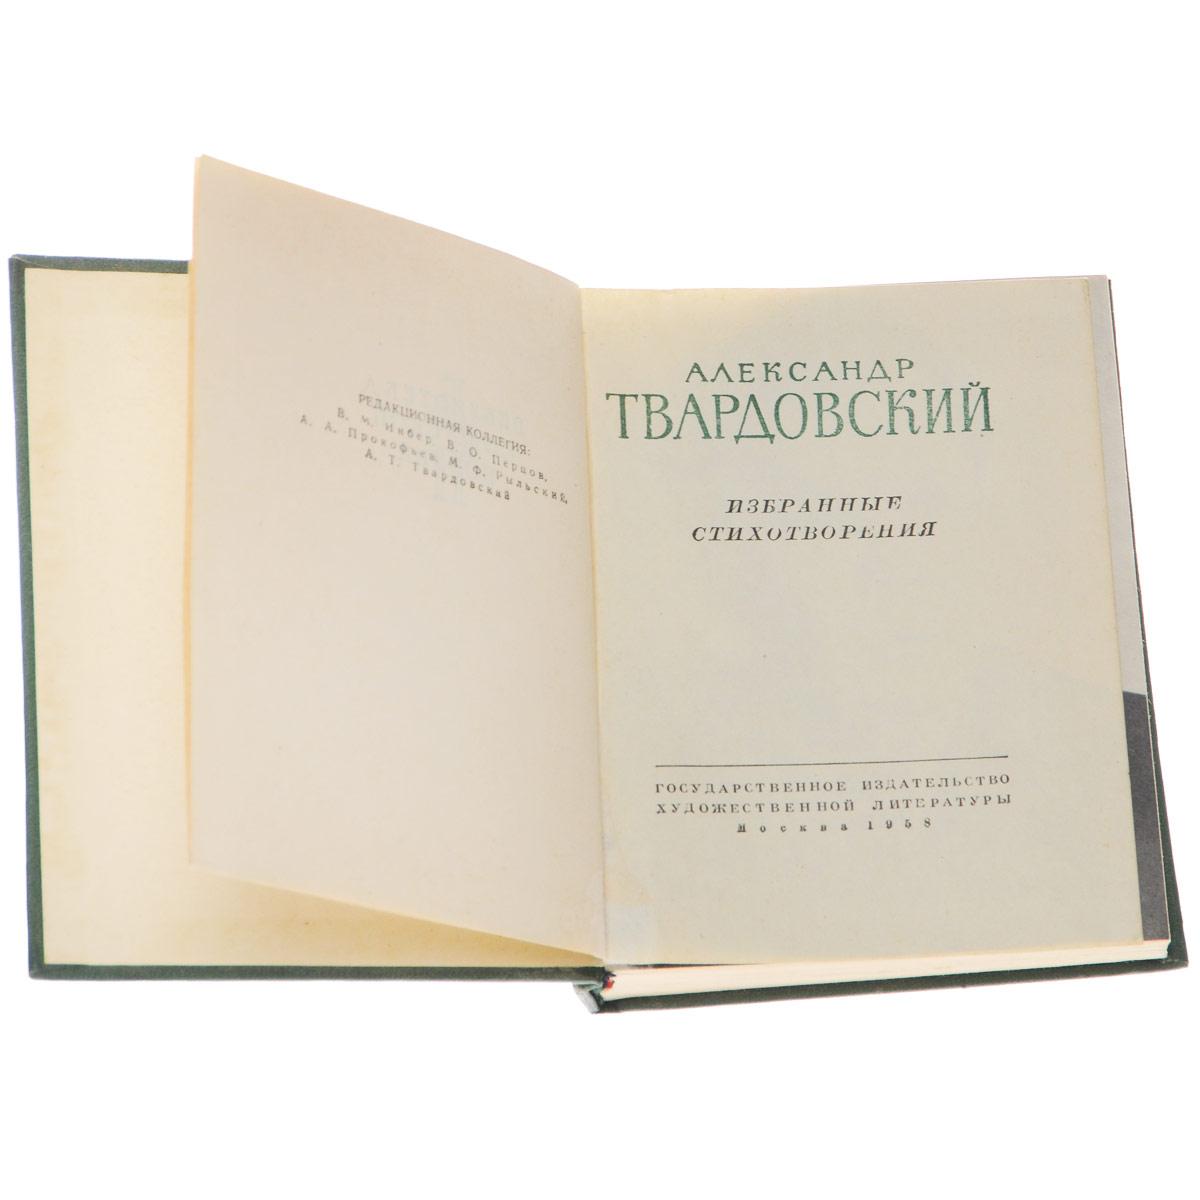 А. Твардовский. Избранные стихотворения